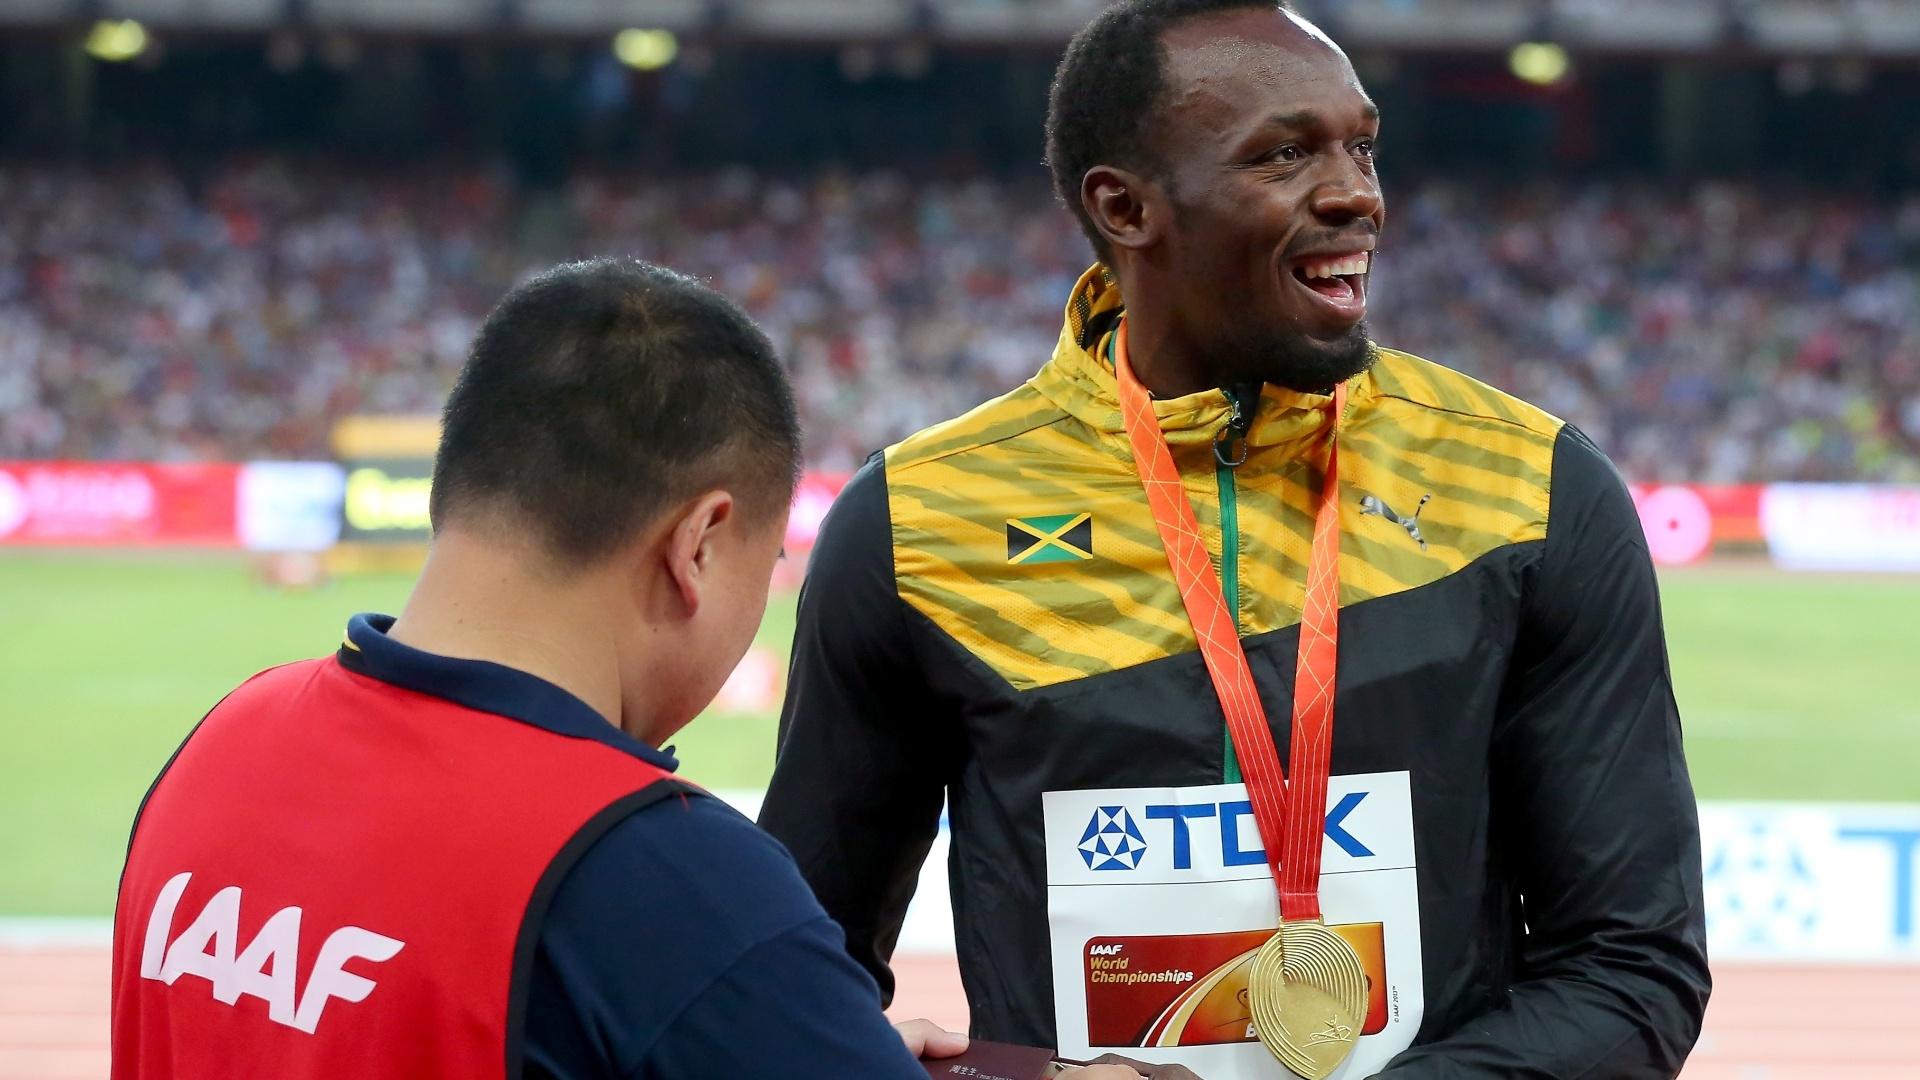 O cinegrafista chinês Tao Song presenteou Usain Bolt com um bracelete da amizade